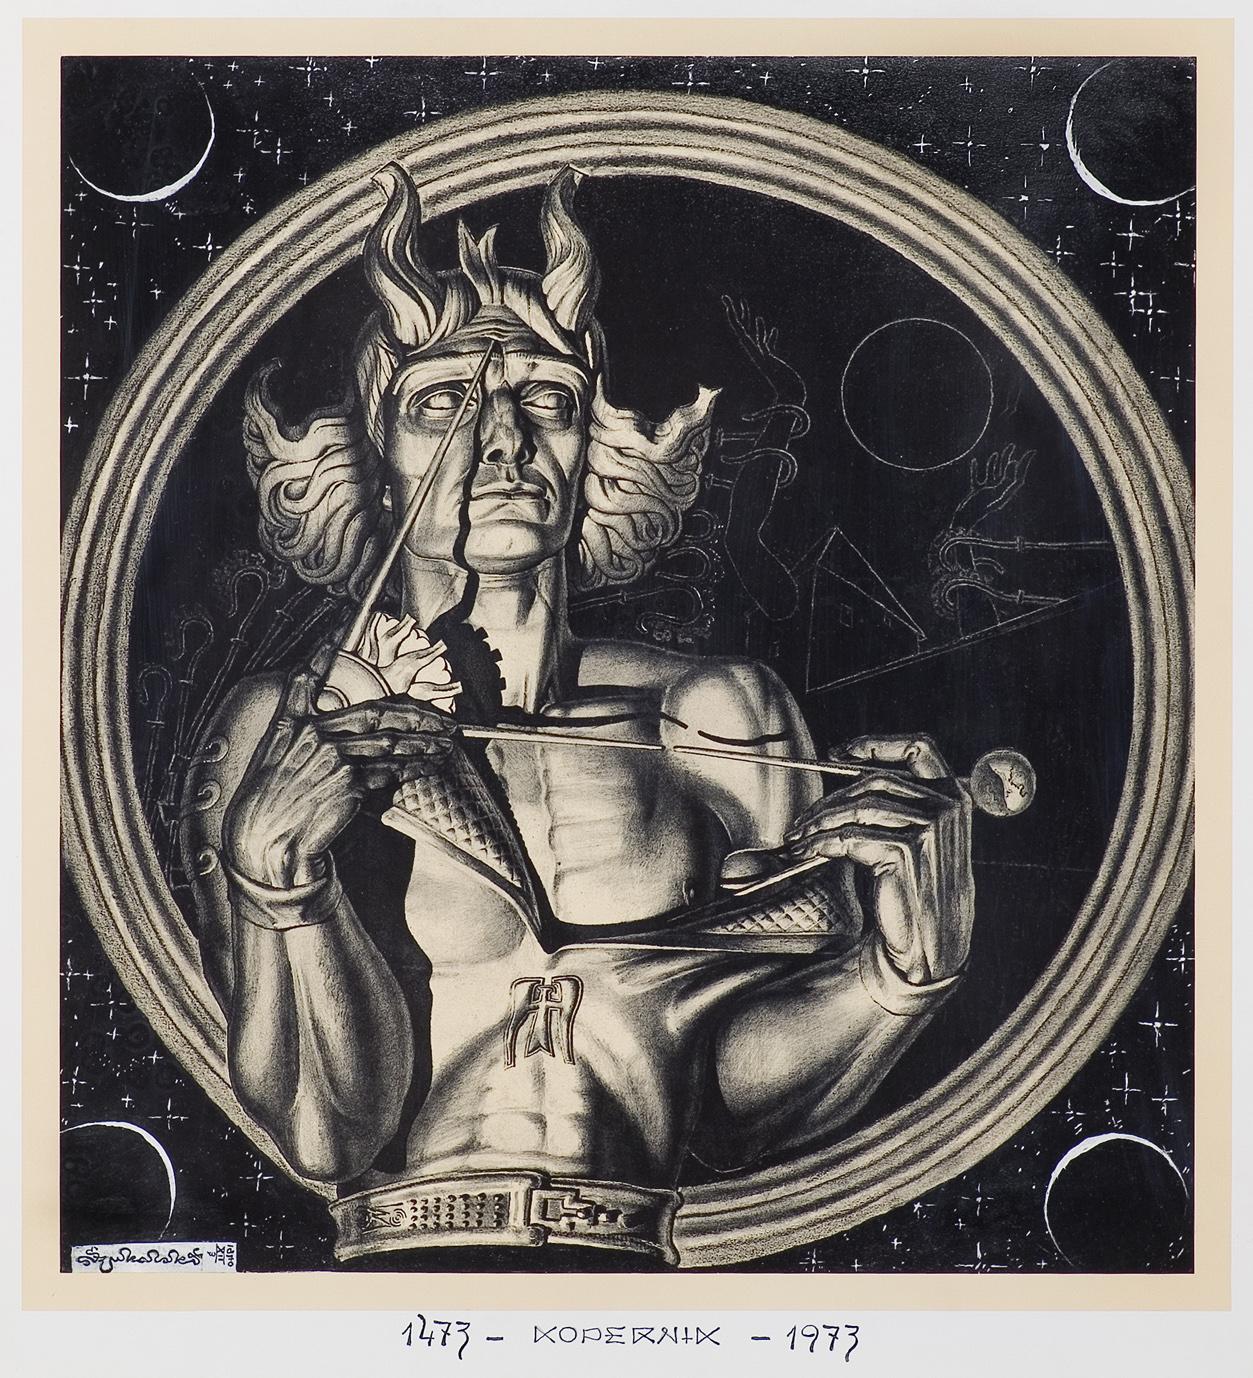 Kopernik, 1935/1973